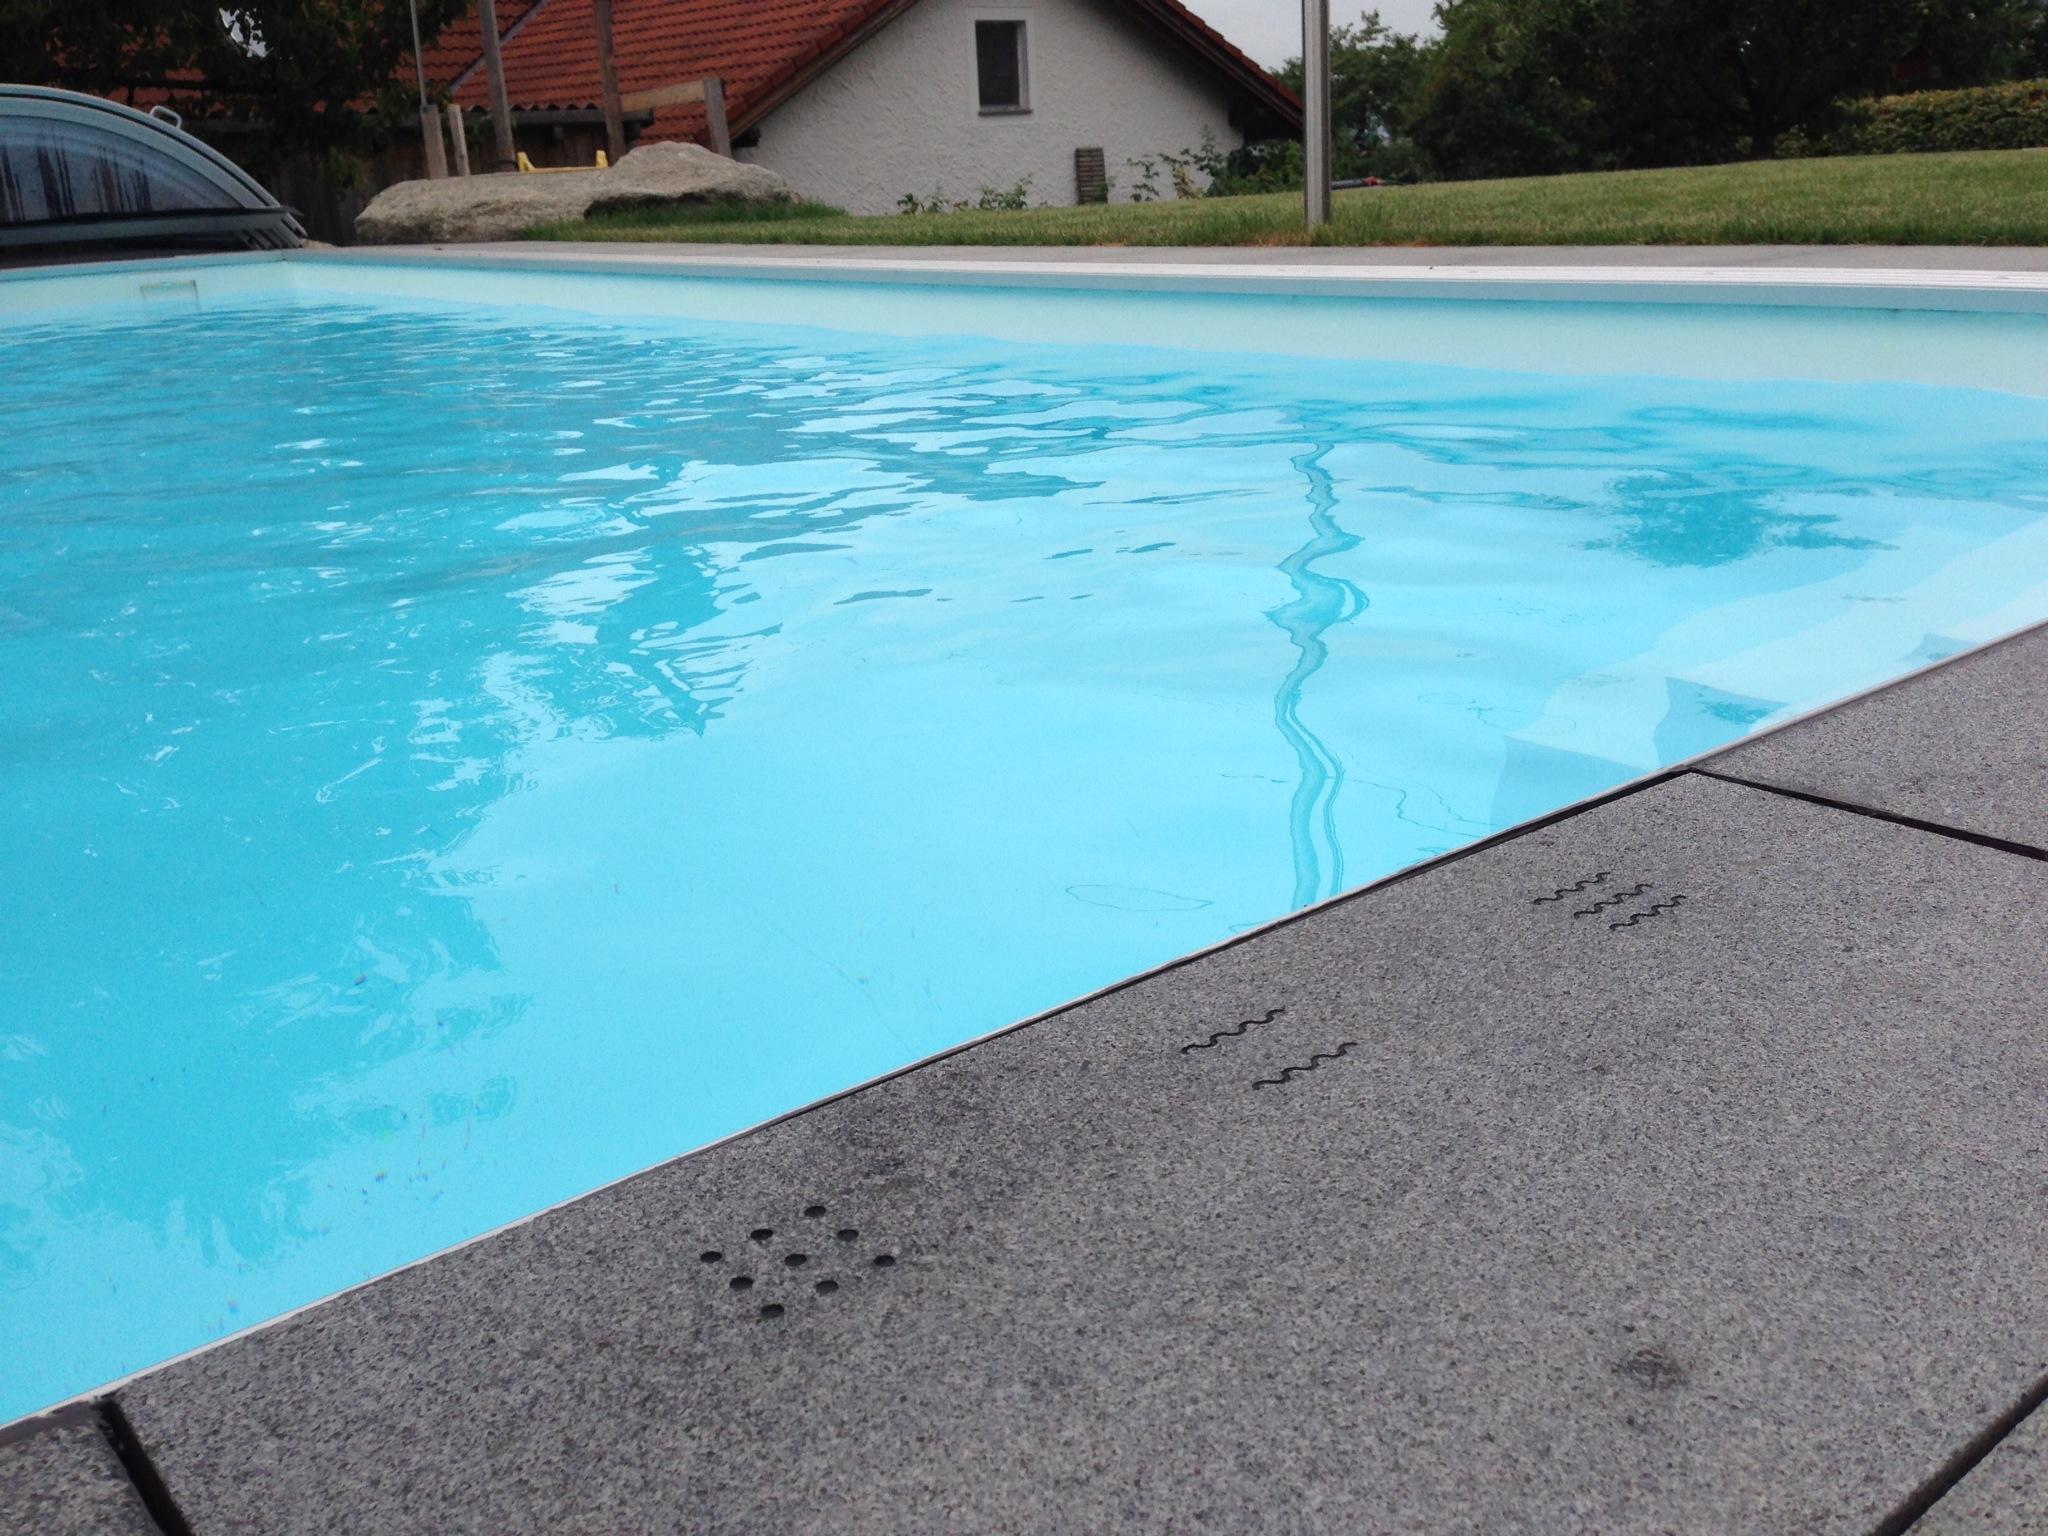 Interruptores piscina